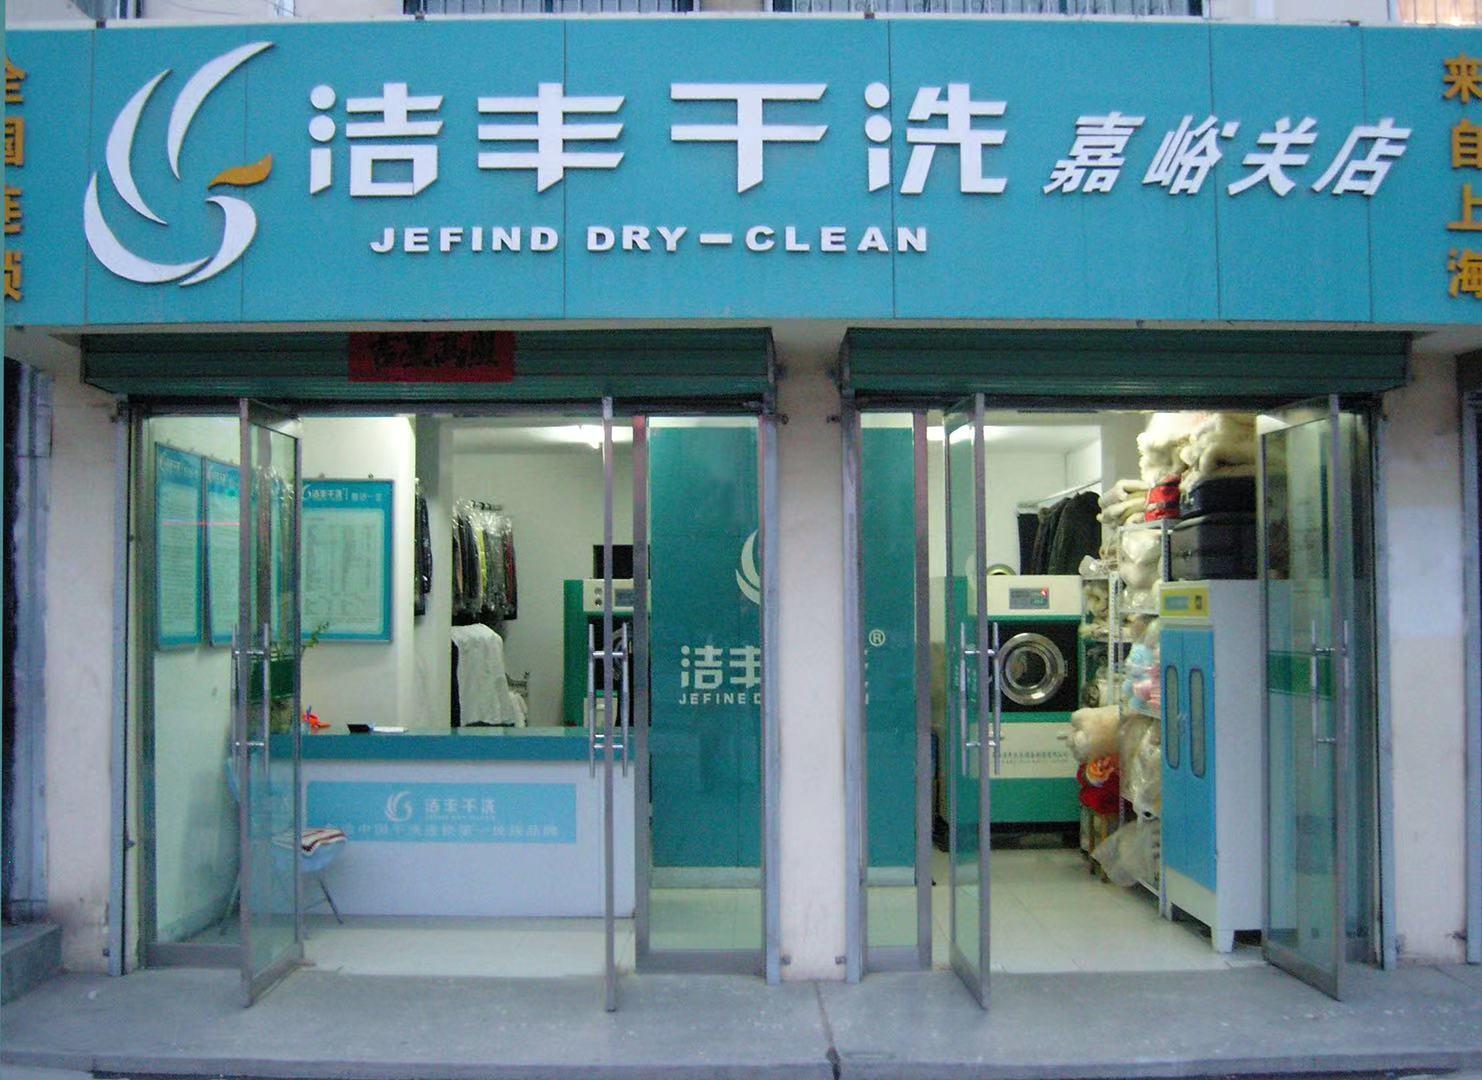 怎样的条件可以开干洗店